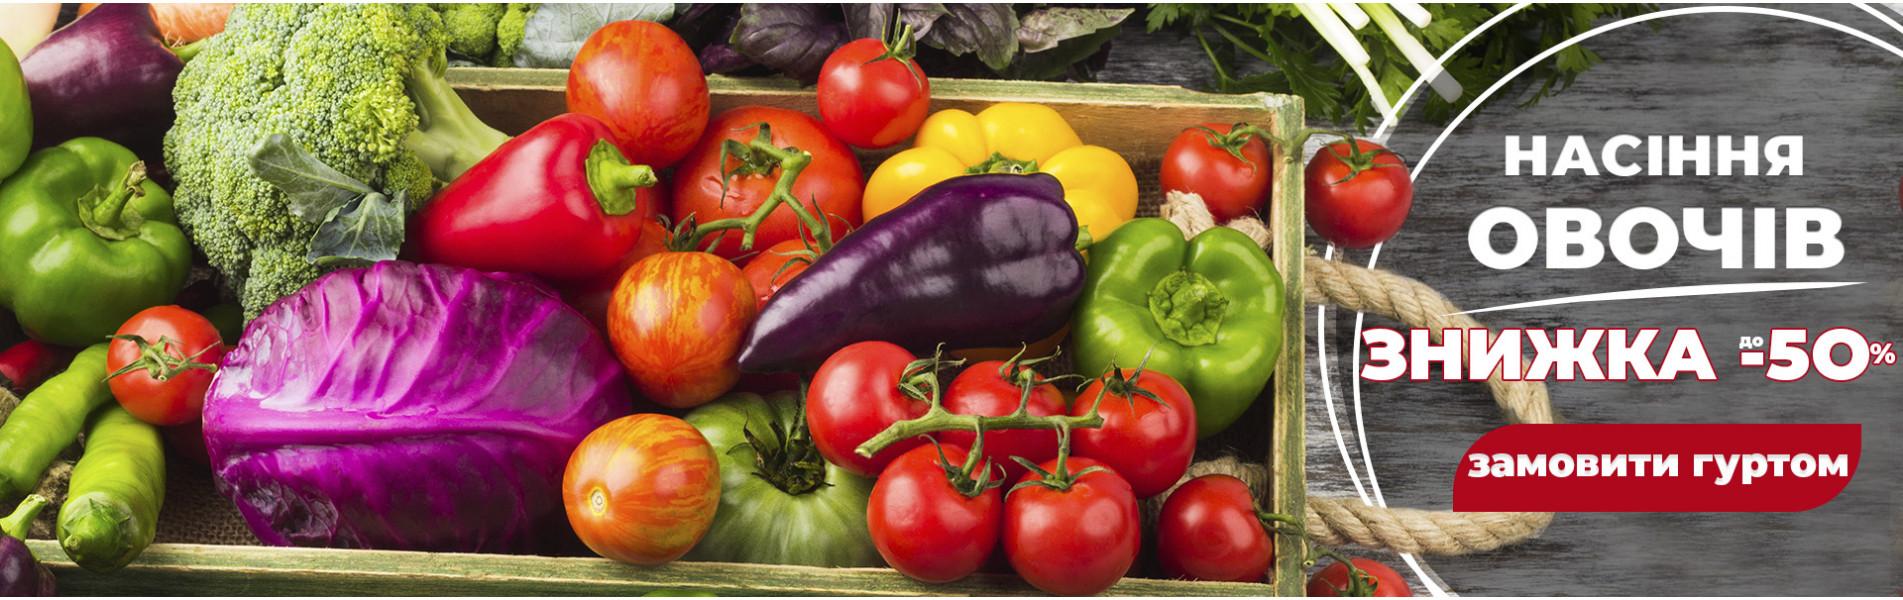 Насіння овочів -50%